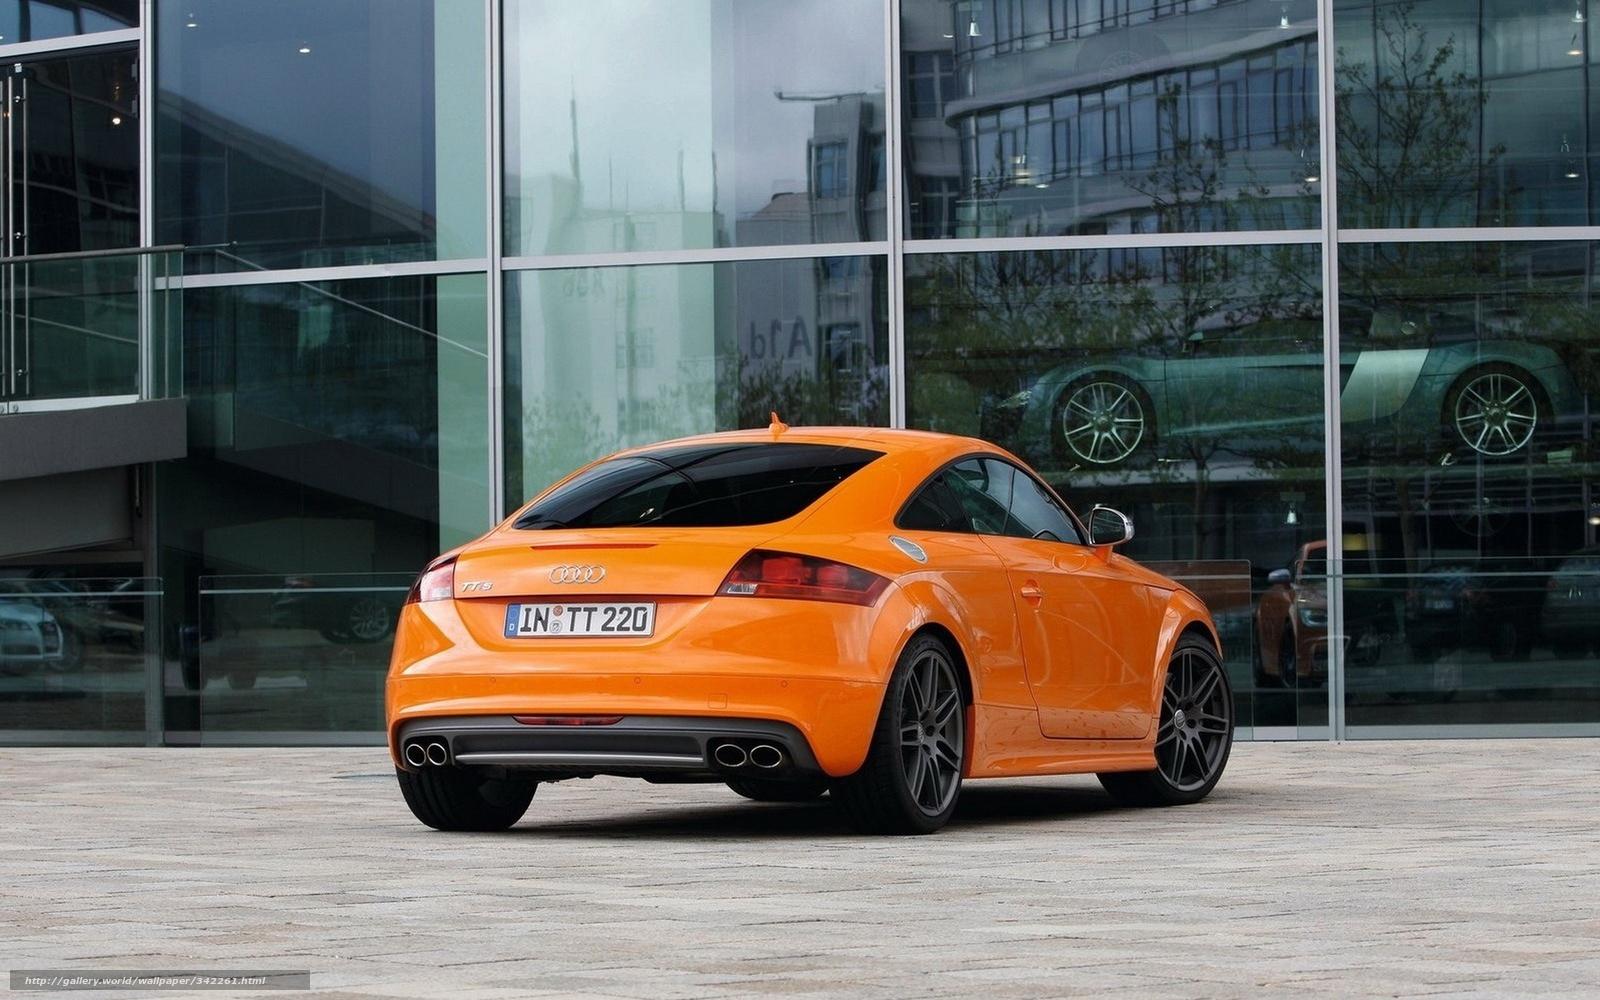 Tlcharger Fond d'ecran Audi, Audi, Voiture, voitures Fonds d'ecran gratuits pour votre rsolution ...